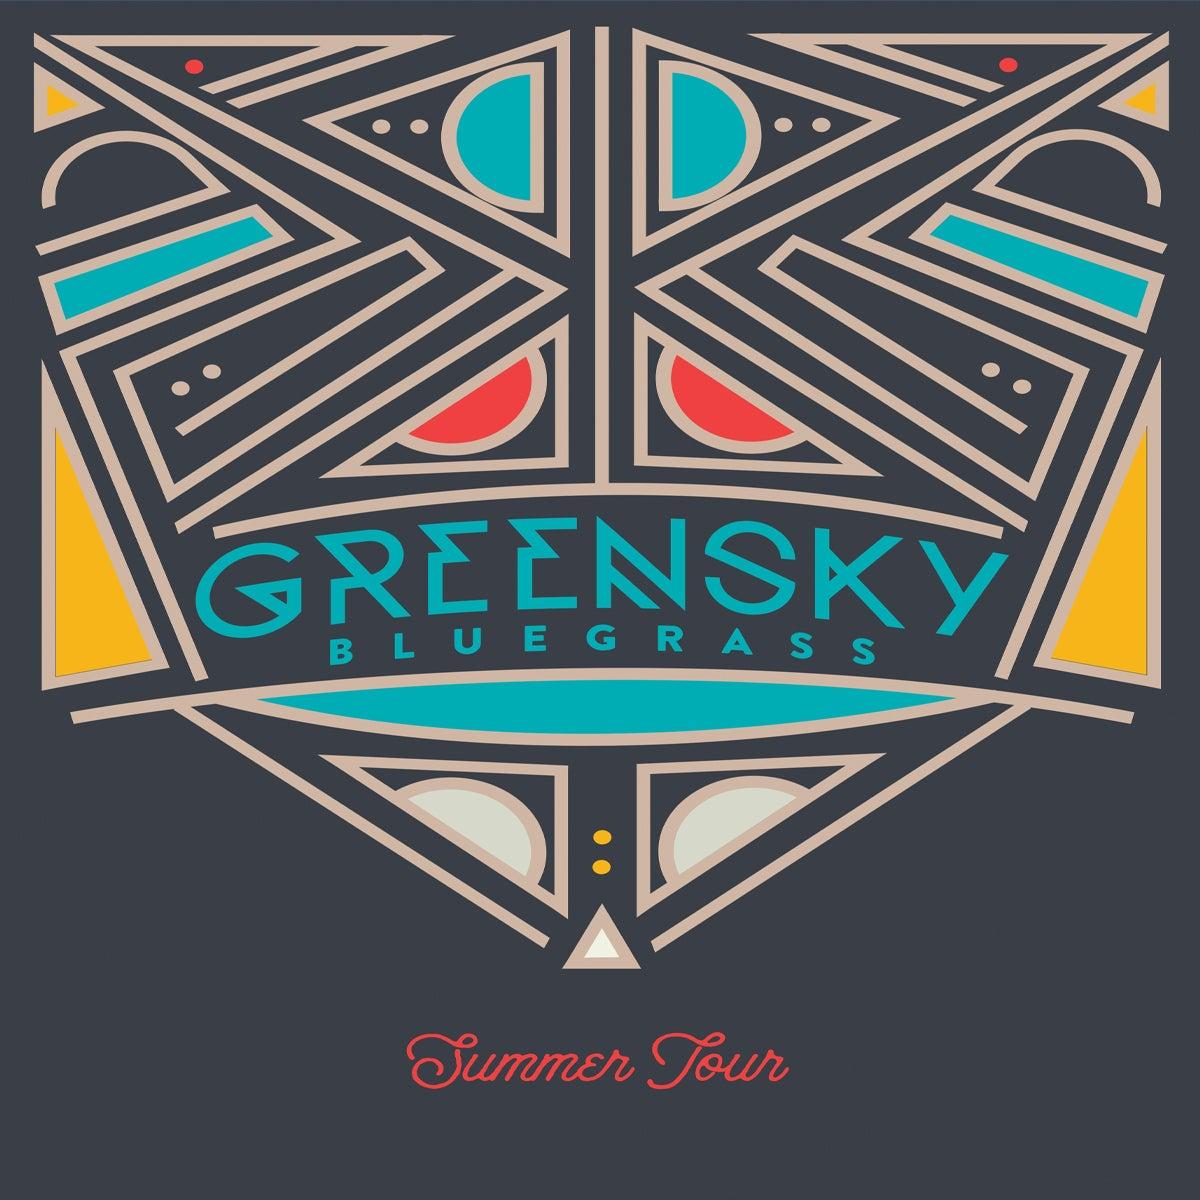 More Info for Greensky Bluegrass Announce 2019 Summer Tour